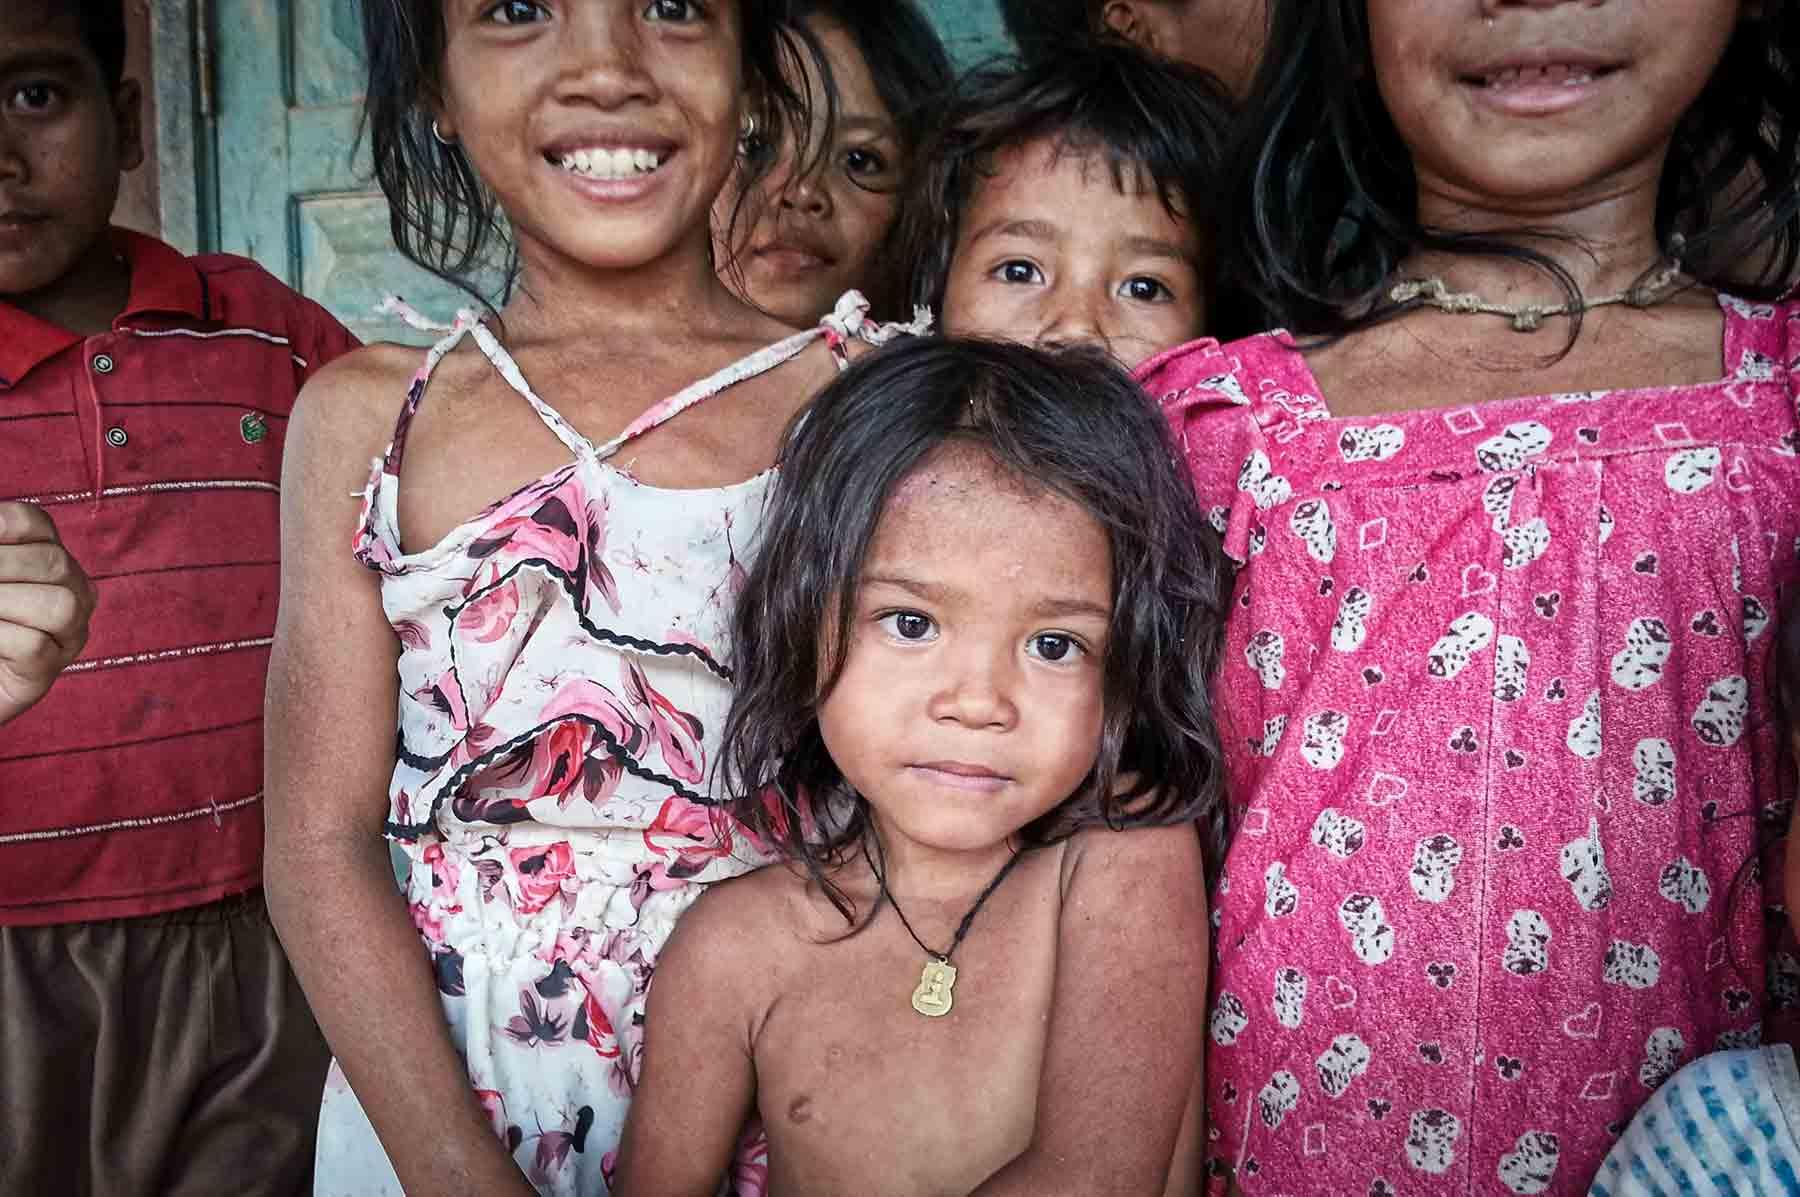 Nos volontaires interviennent dans un village au Cambodge, pour venir en aide à un enfant en situation de maltraitance grave